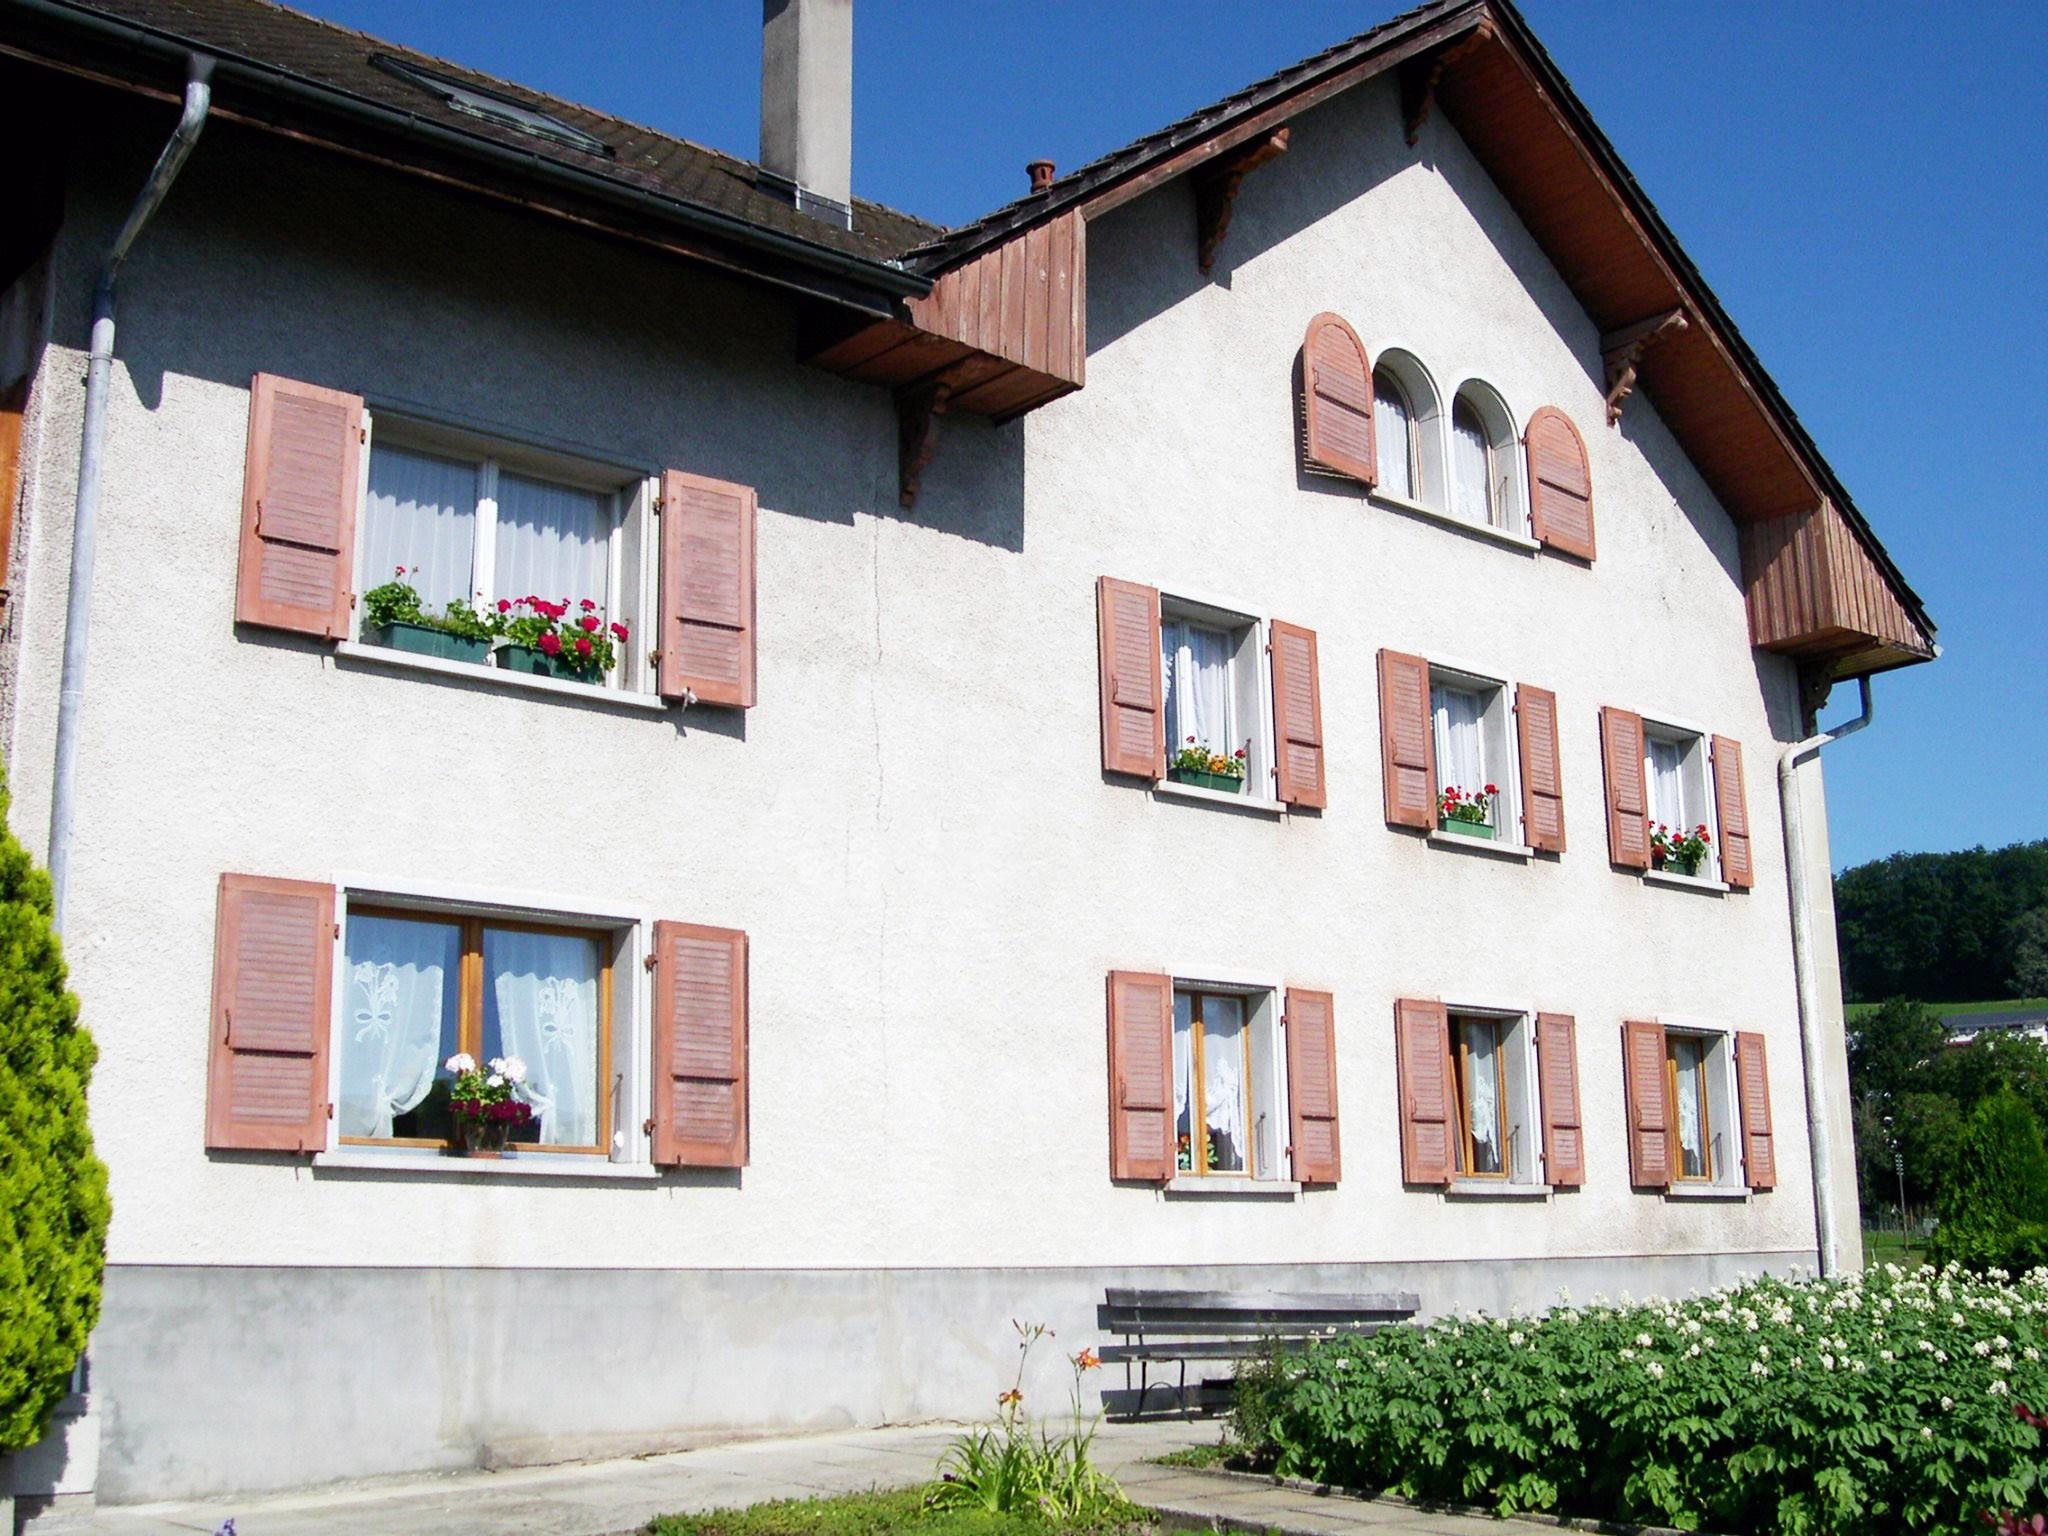 Detached House For Sale in Pont-en-Ogoz - 9 Photos